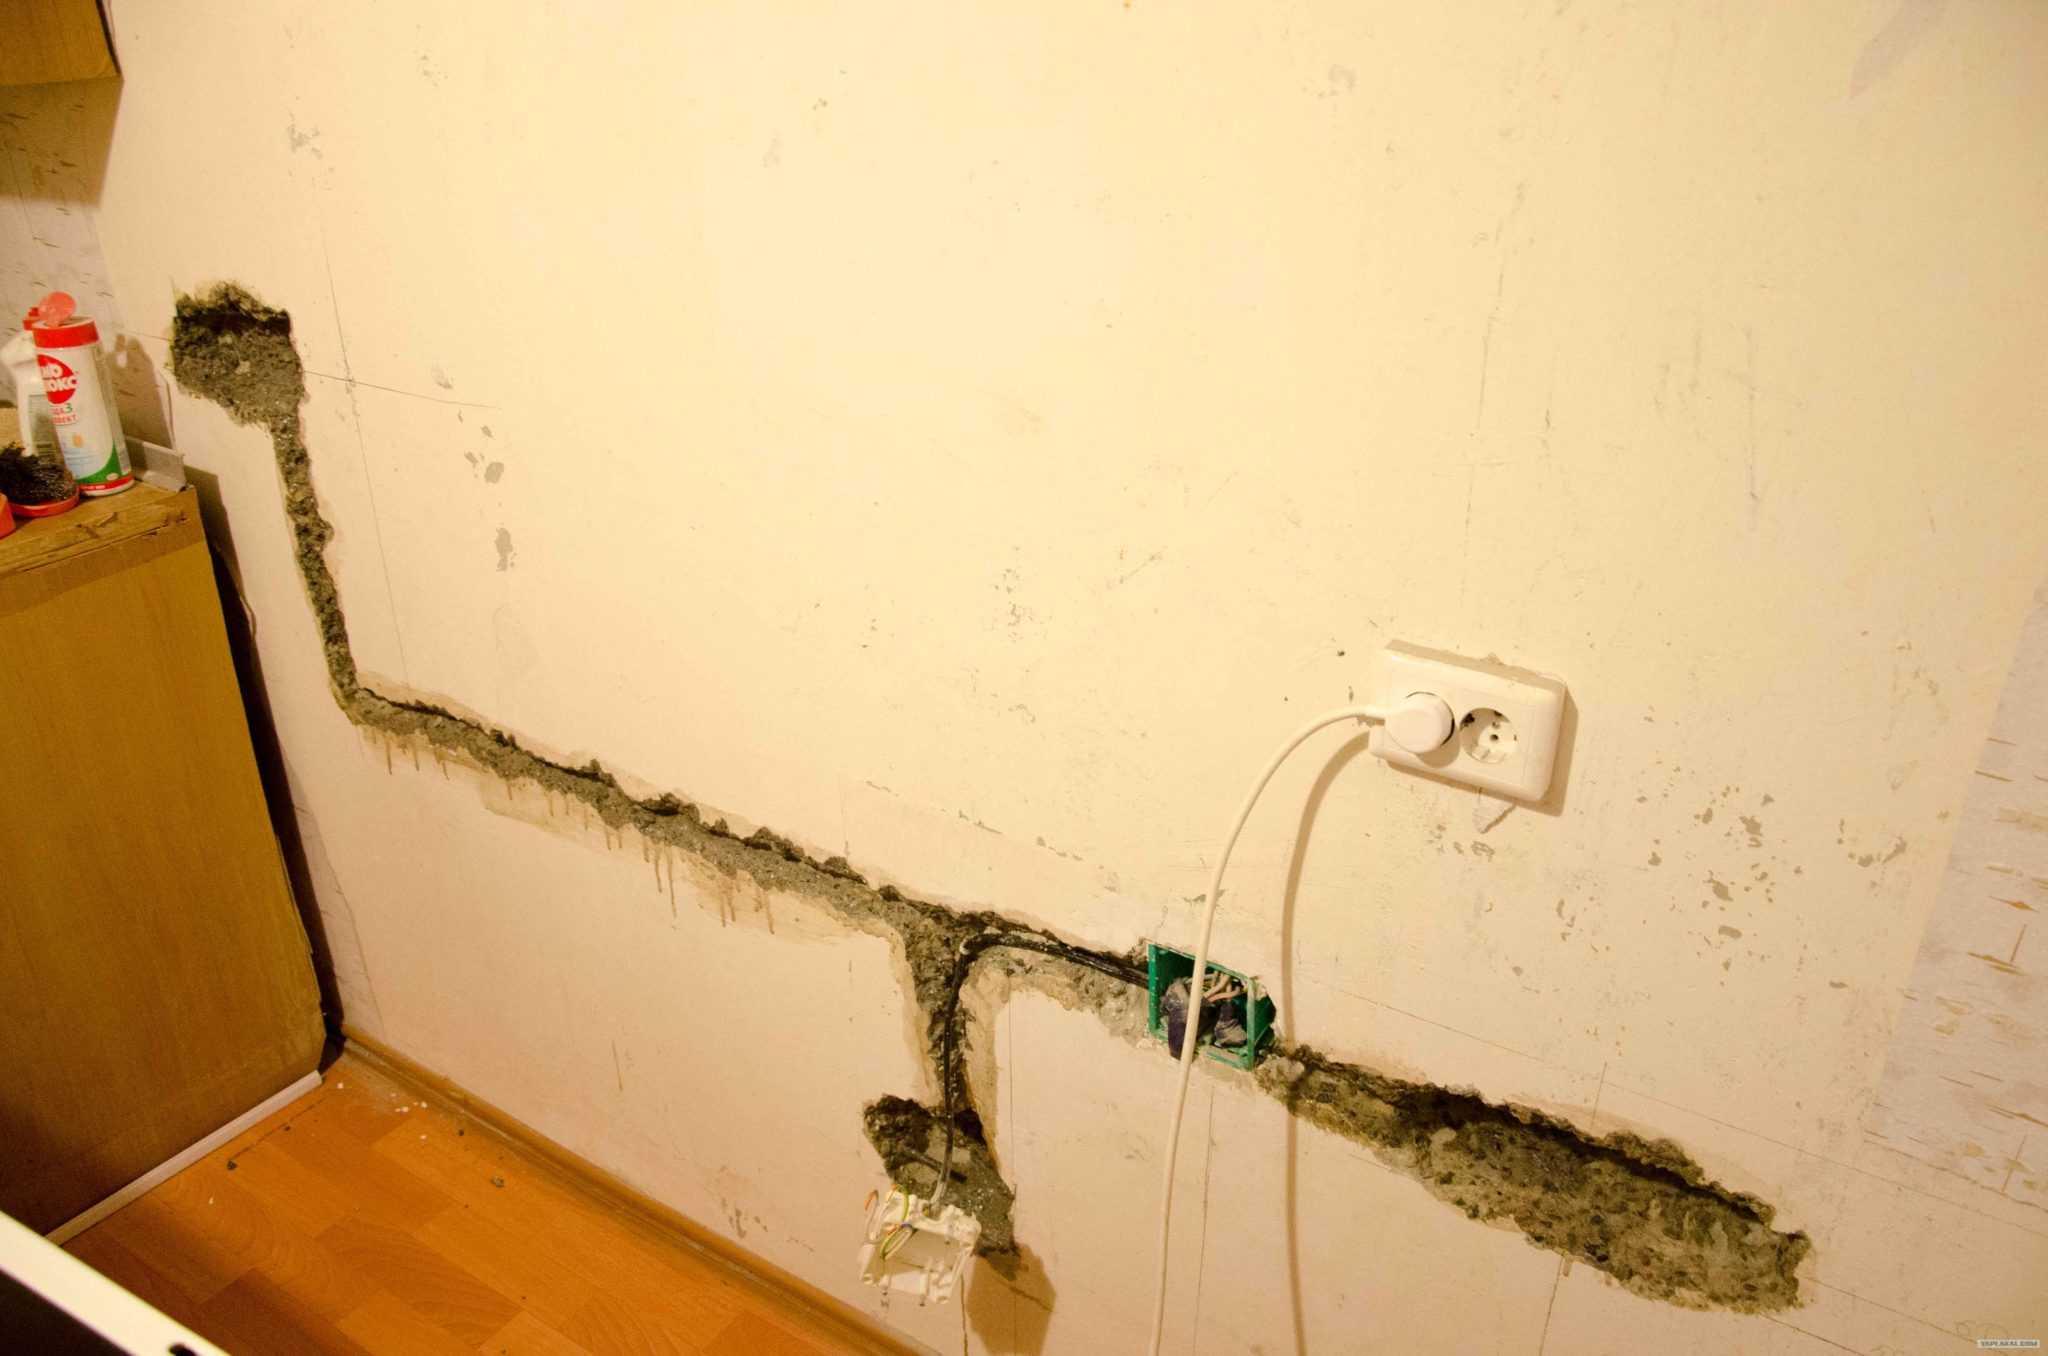 я ремонтировал проводку - Менял проводку в квартире и сдал новый кабель в лом